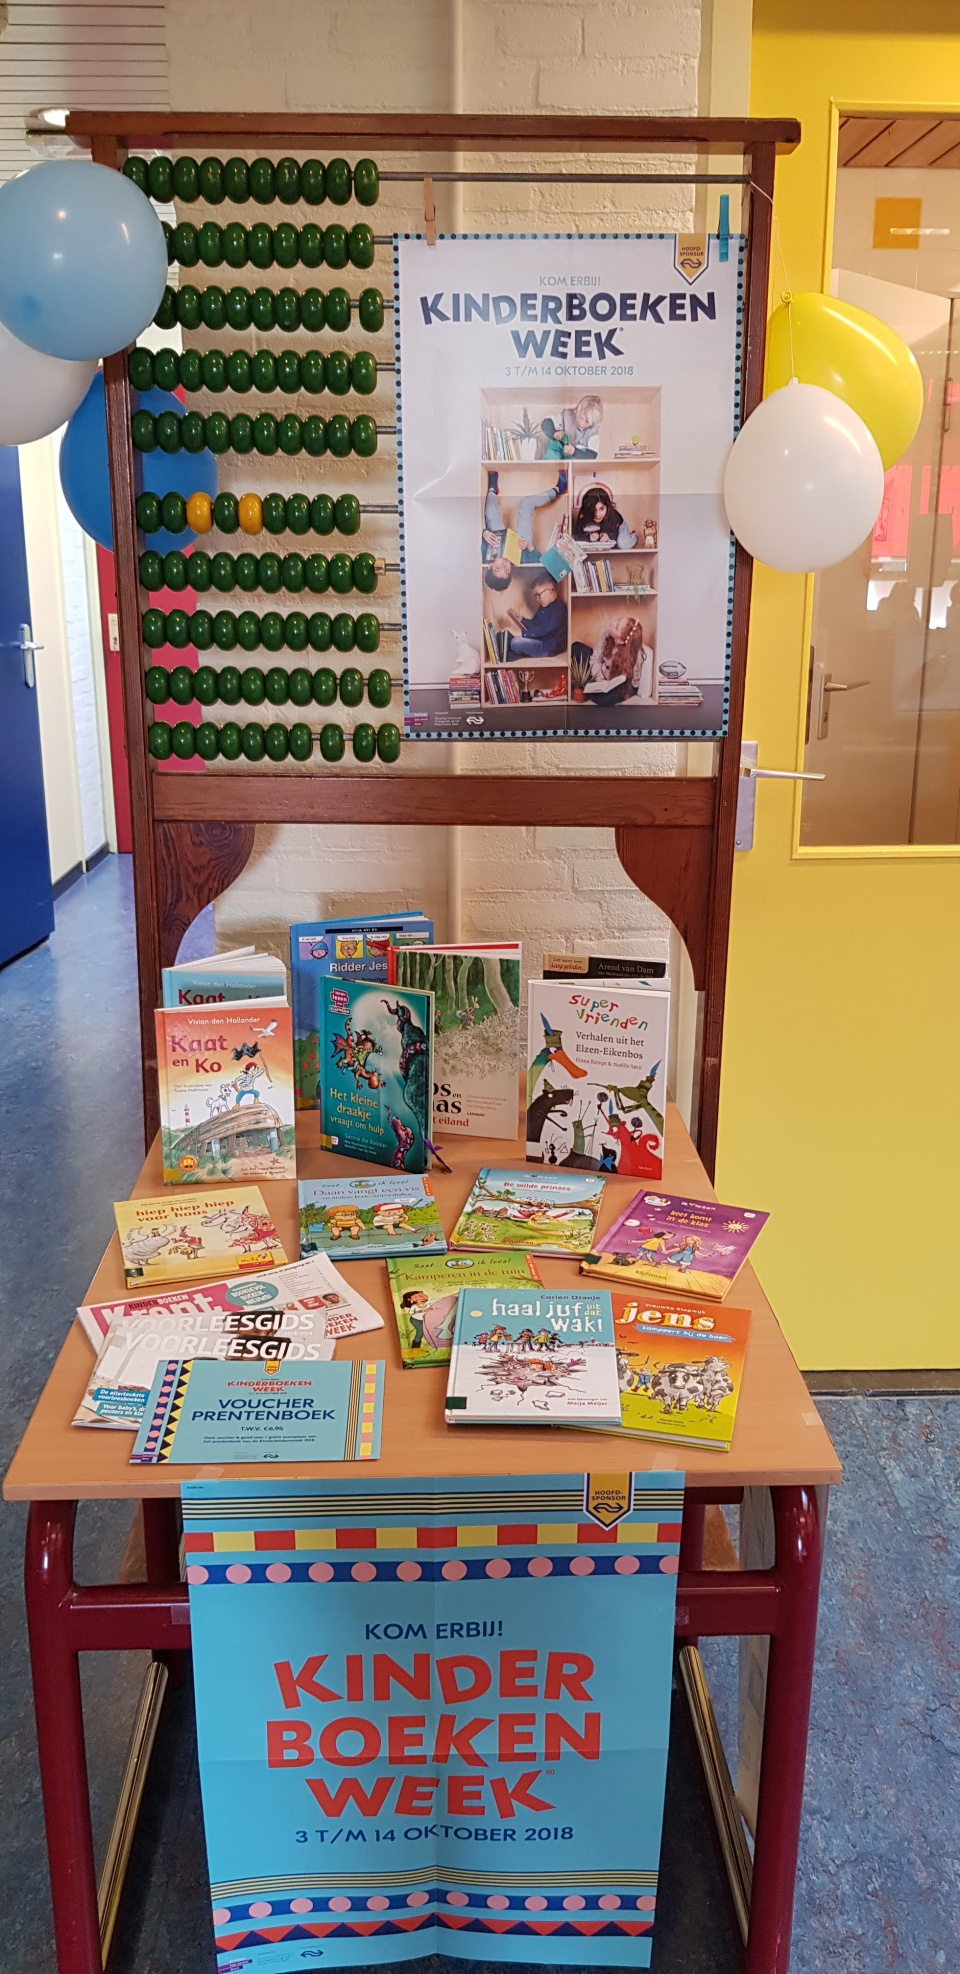 De kinderboekenweek is begonnen.  Als u deze week een mooi boek koopt bij de Bruna,  wilt u de bon dan voor school bewaren? Wij mogen dan voor 20%25 van het totaalbedrag boeken aanschaffen en dat is leuk!